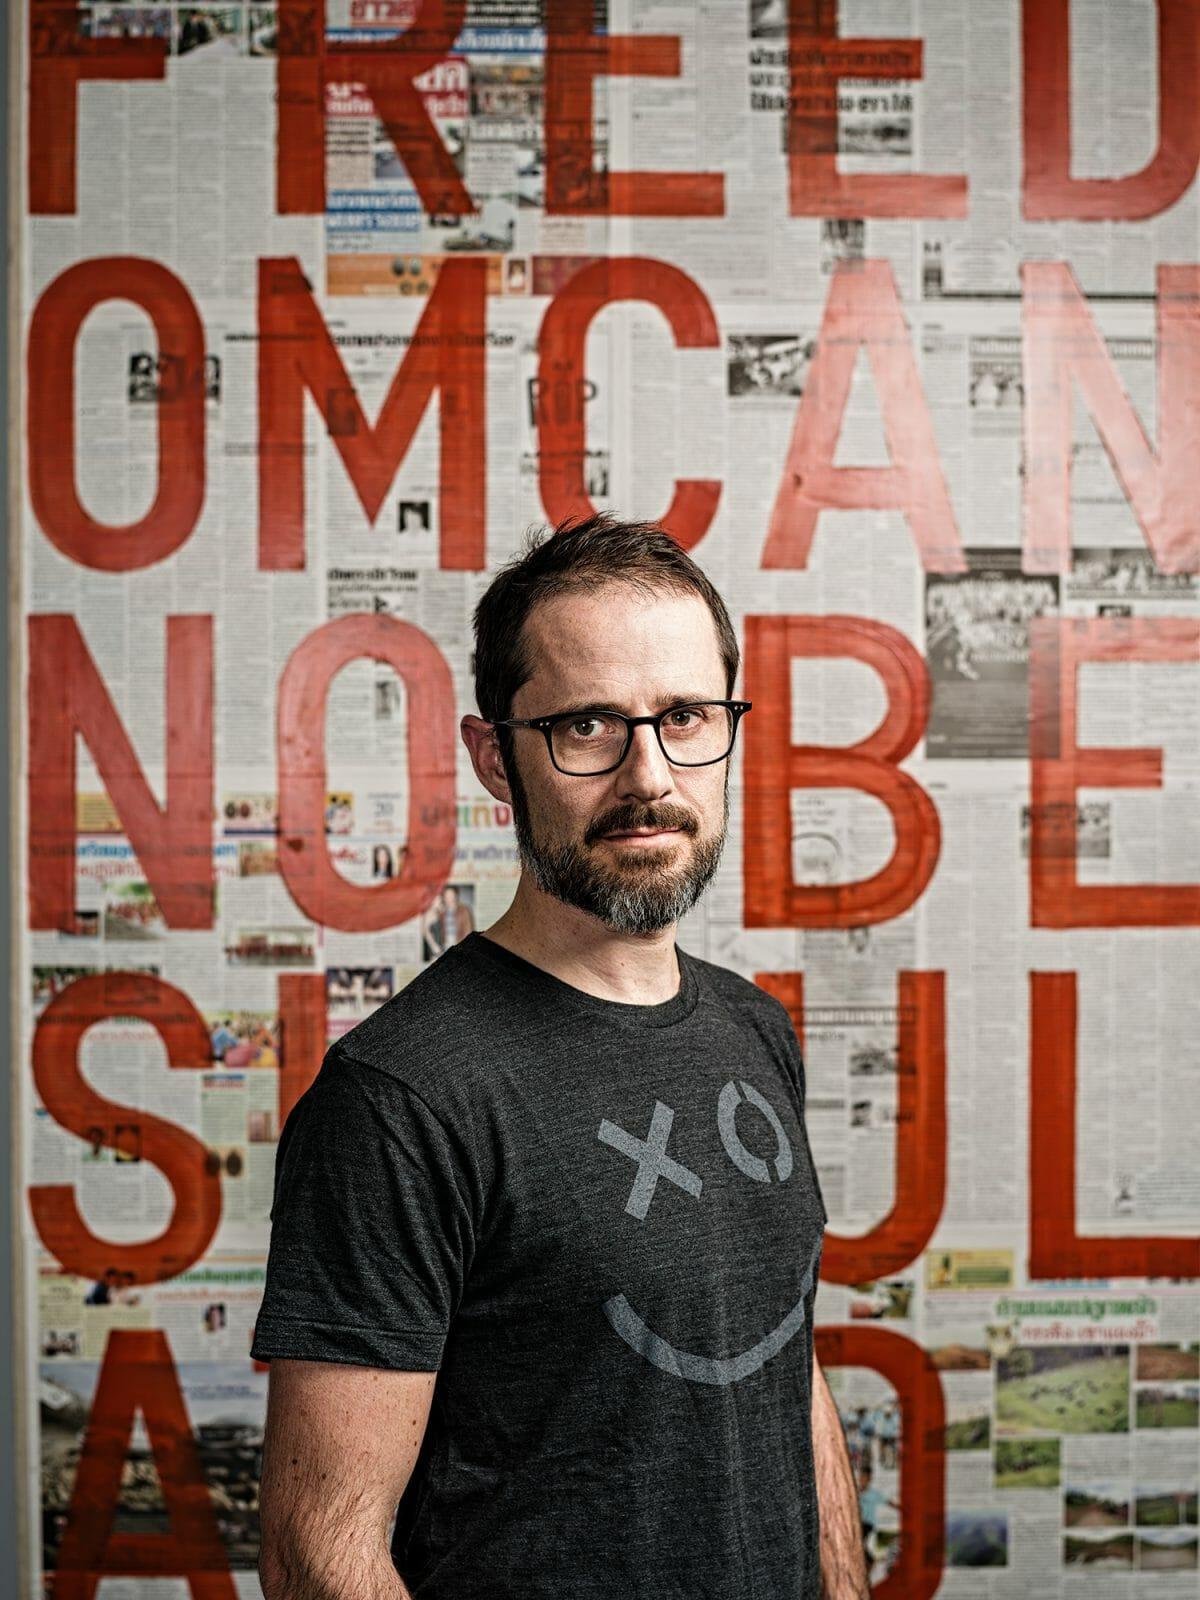 Portrait of Evan Williams, founder of Medium